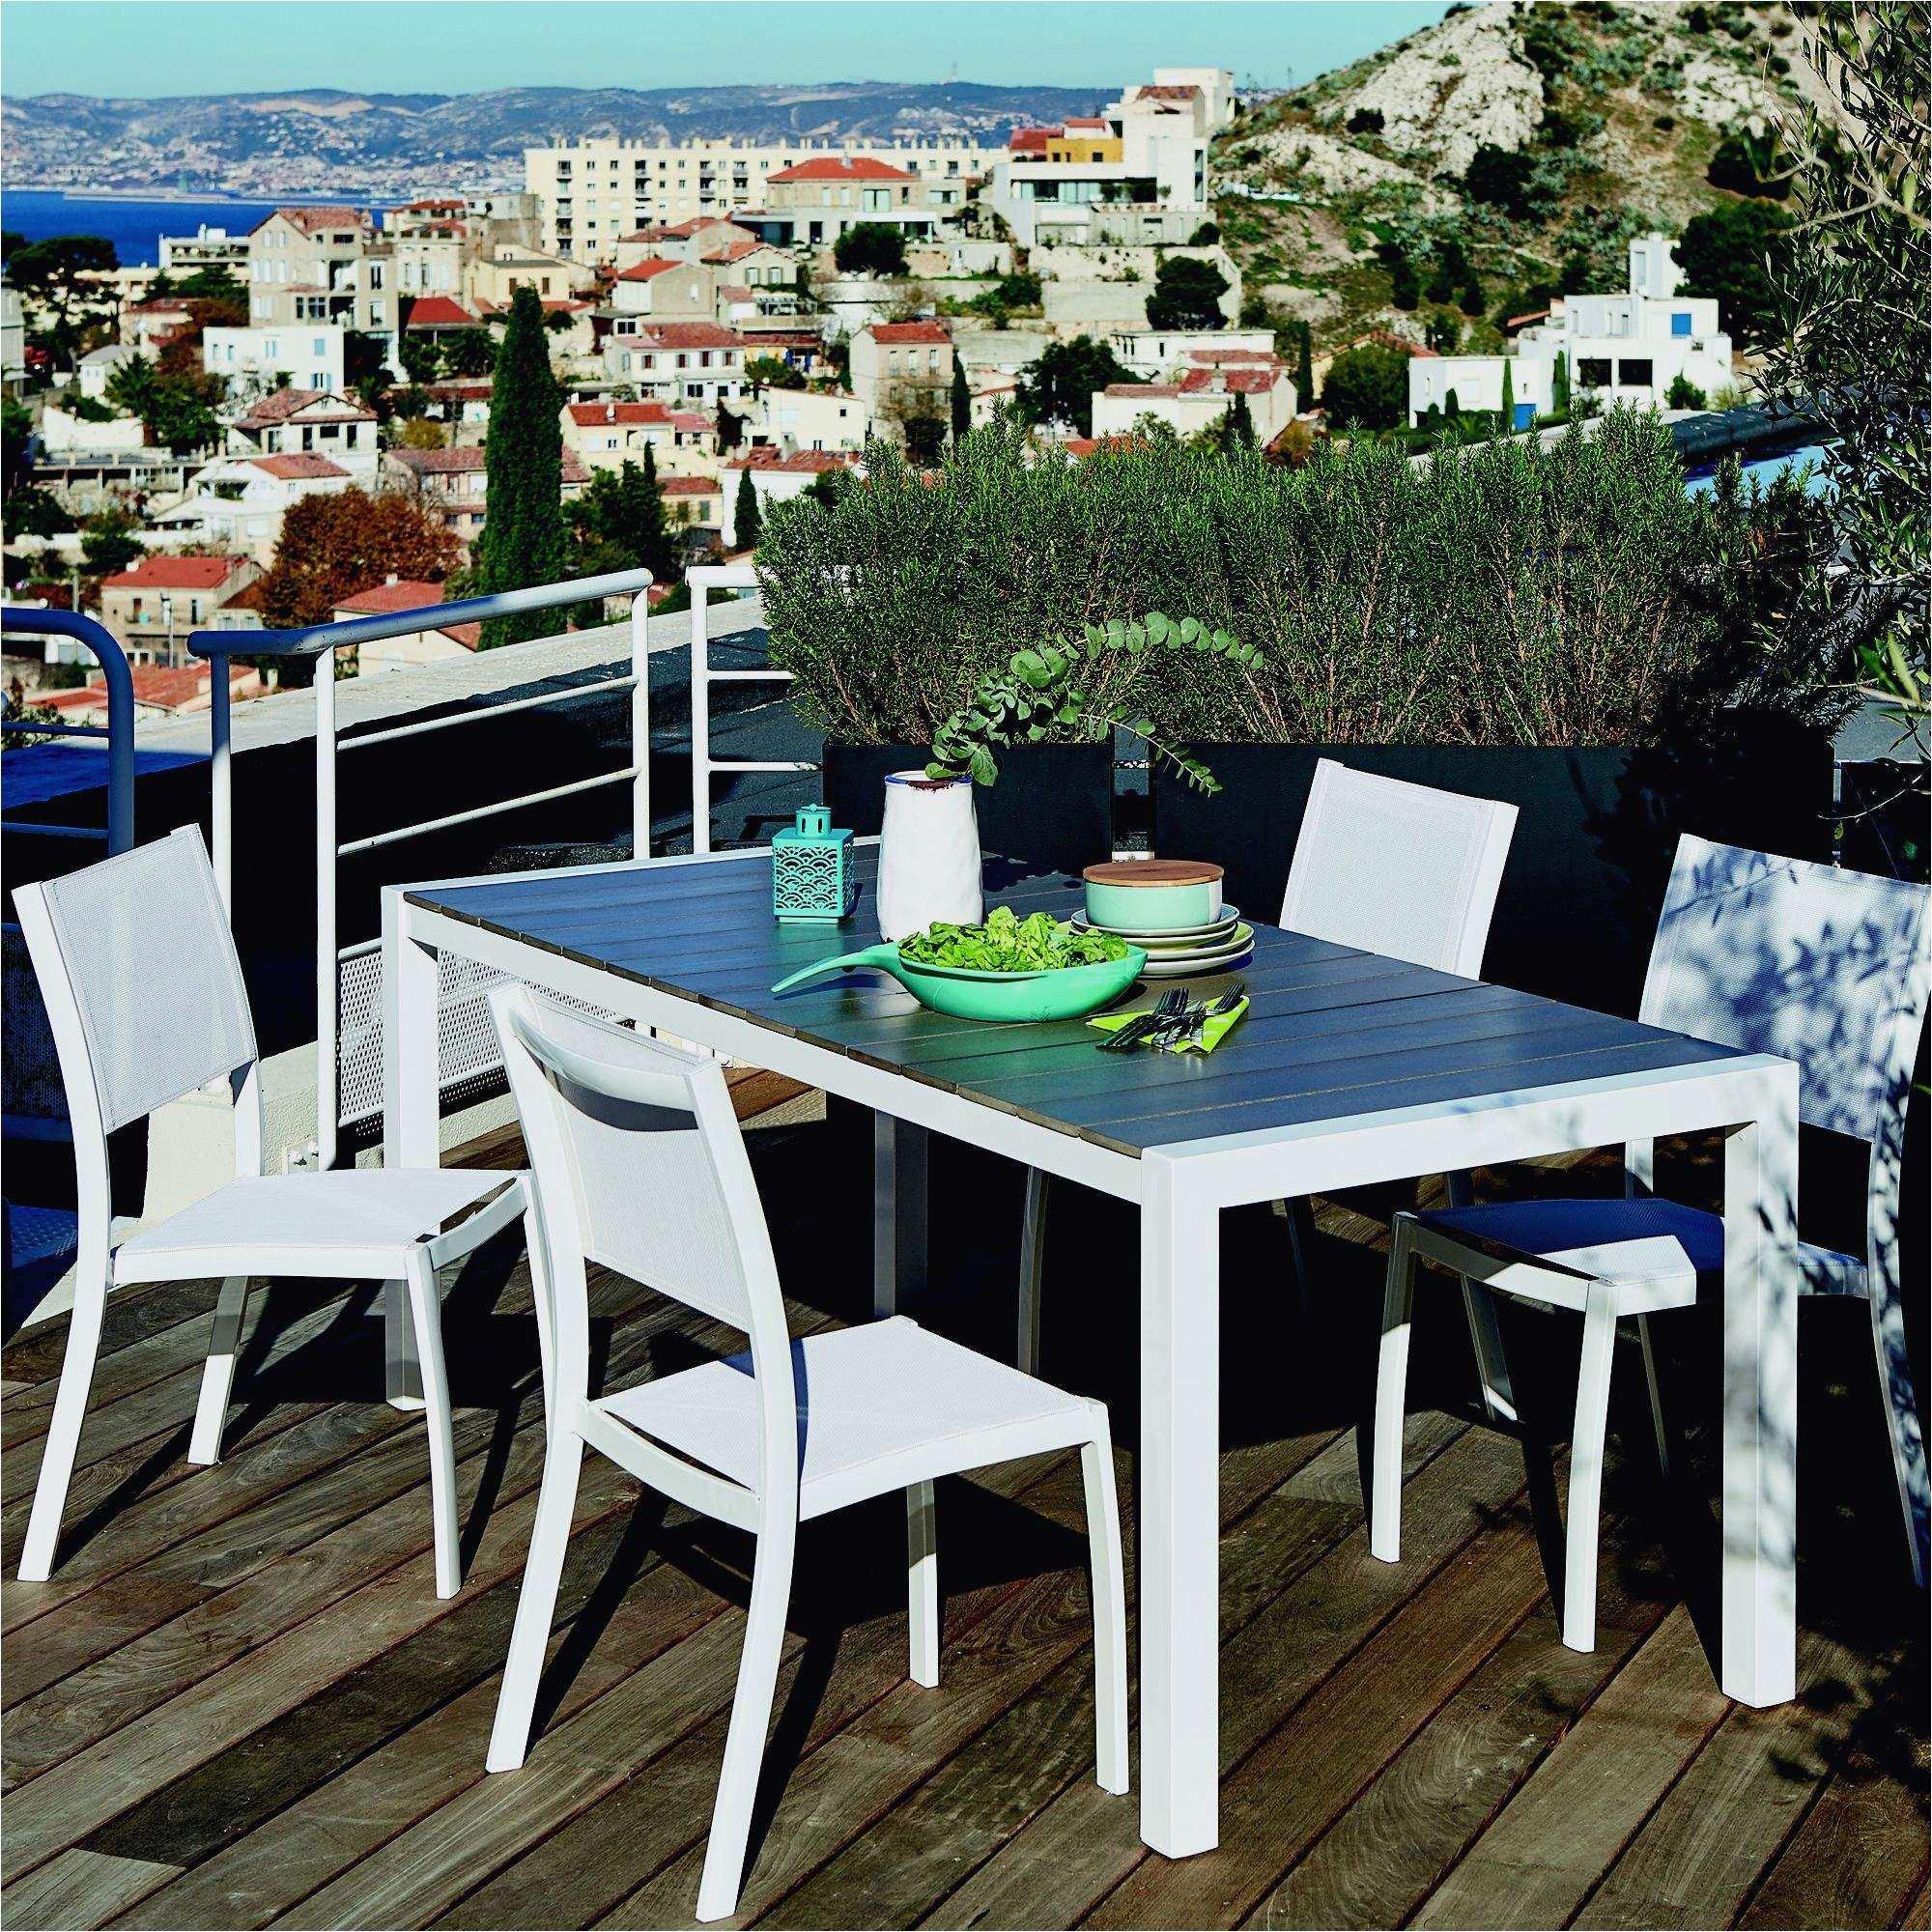 Table salon de jardin centrakor